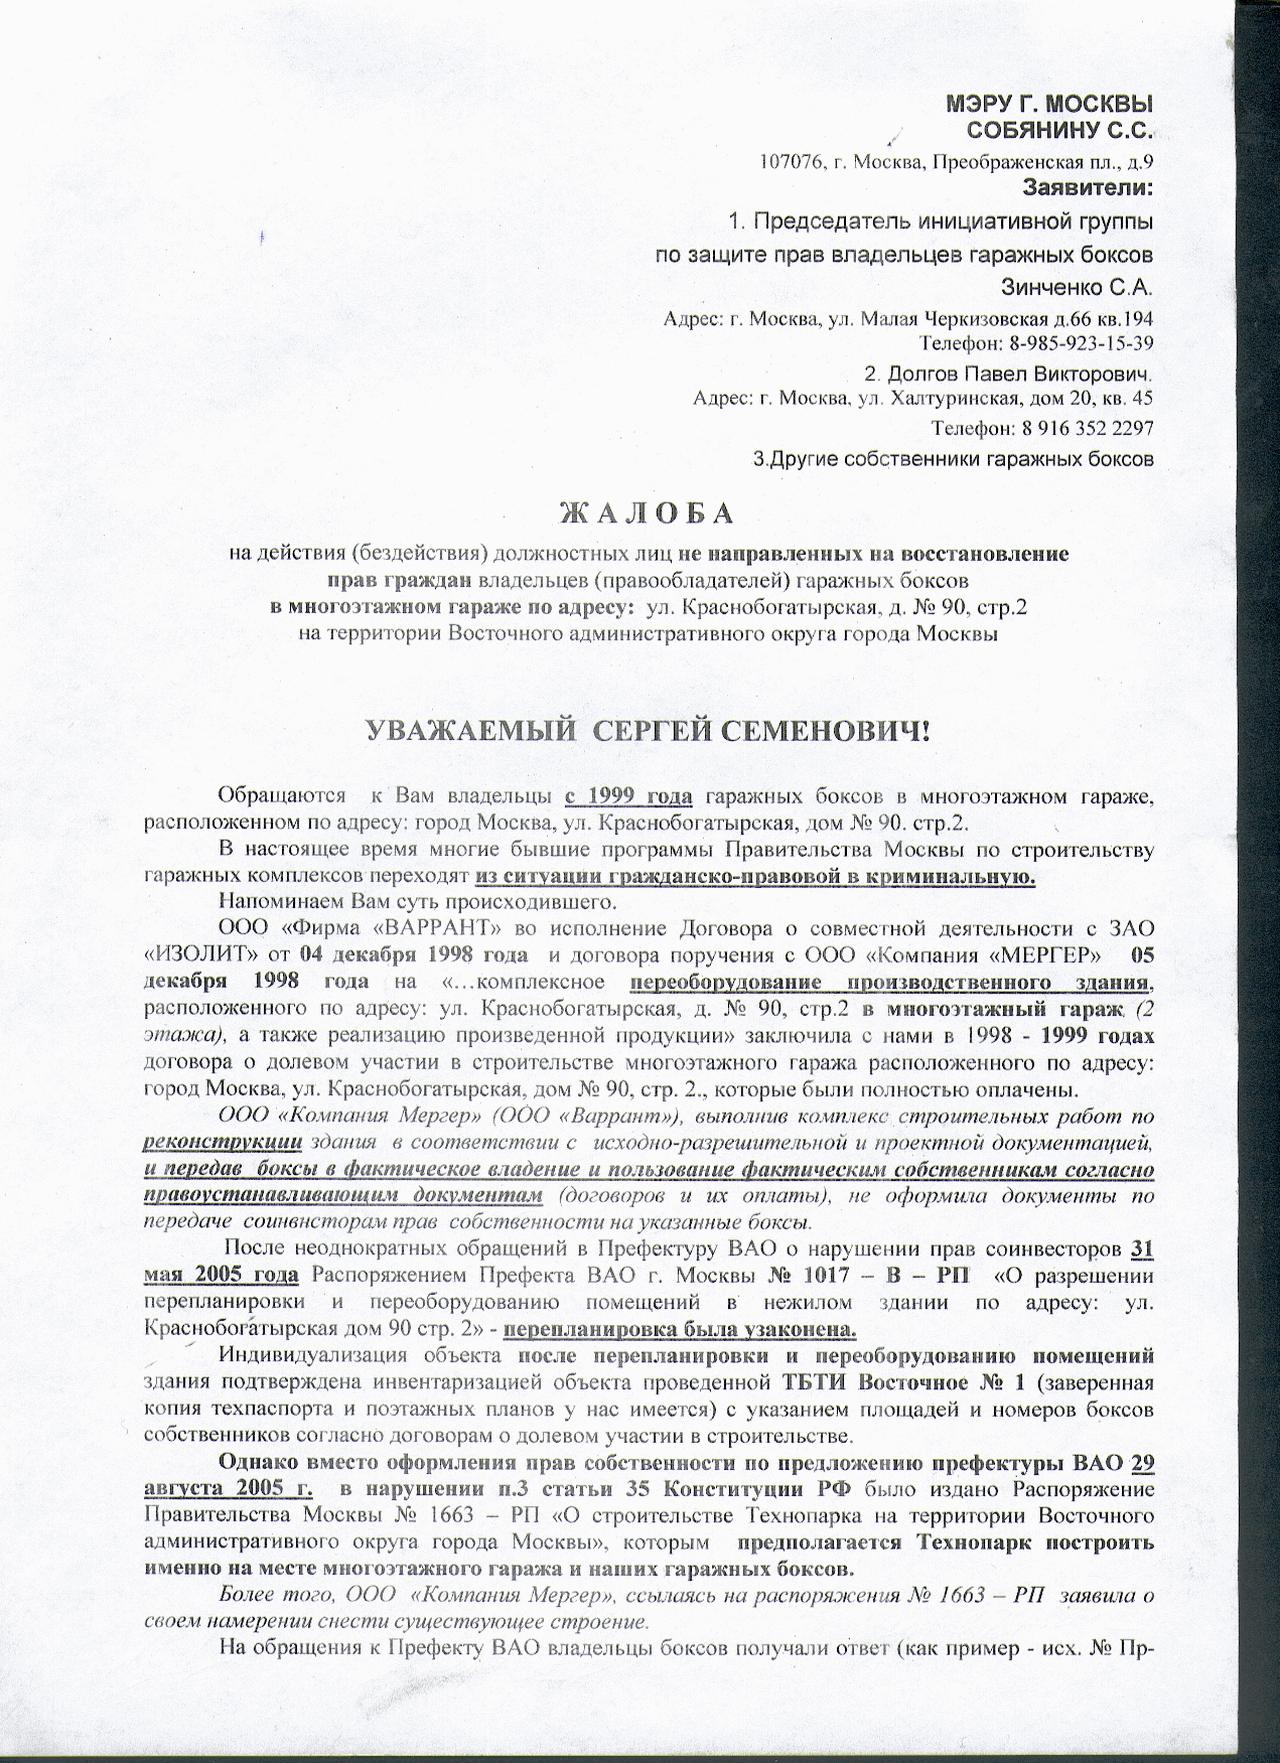 Должностная инструкция секретаря -референта (образец заполнения) Образец